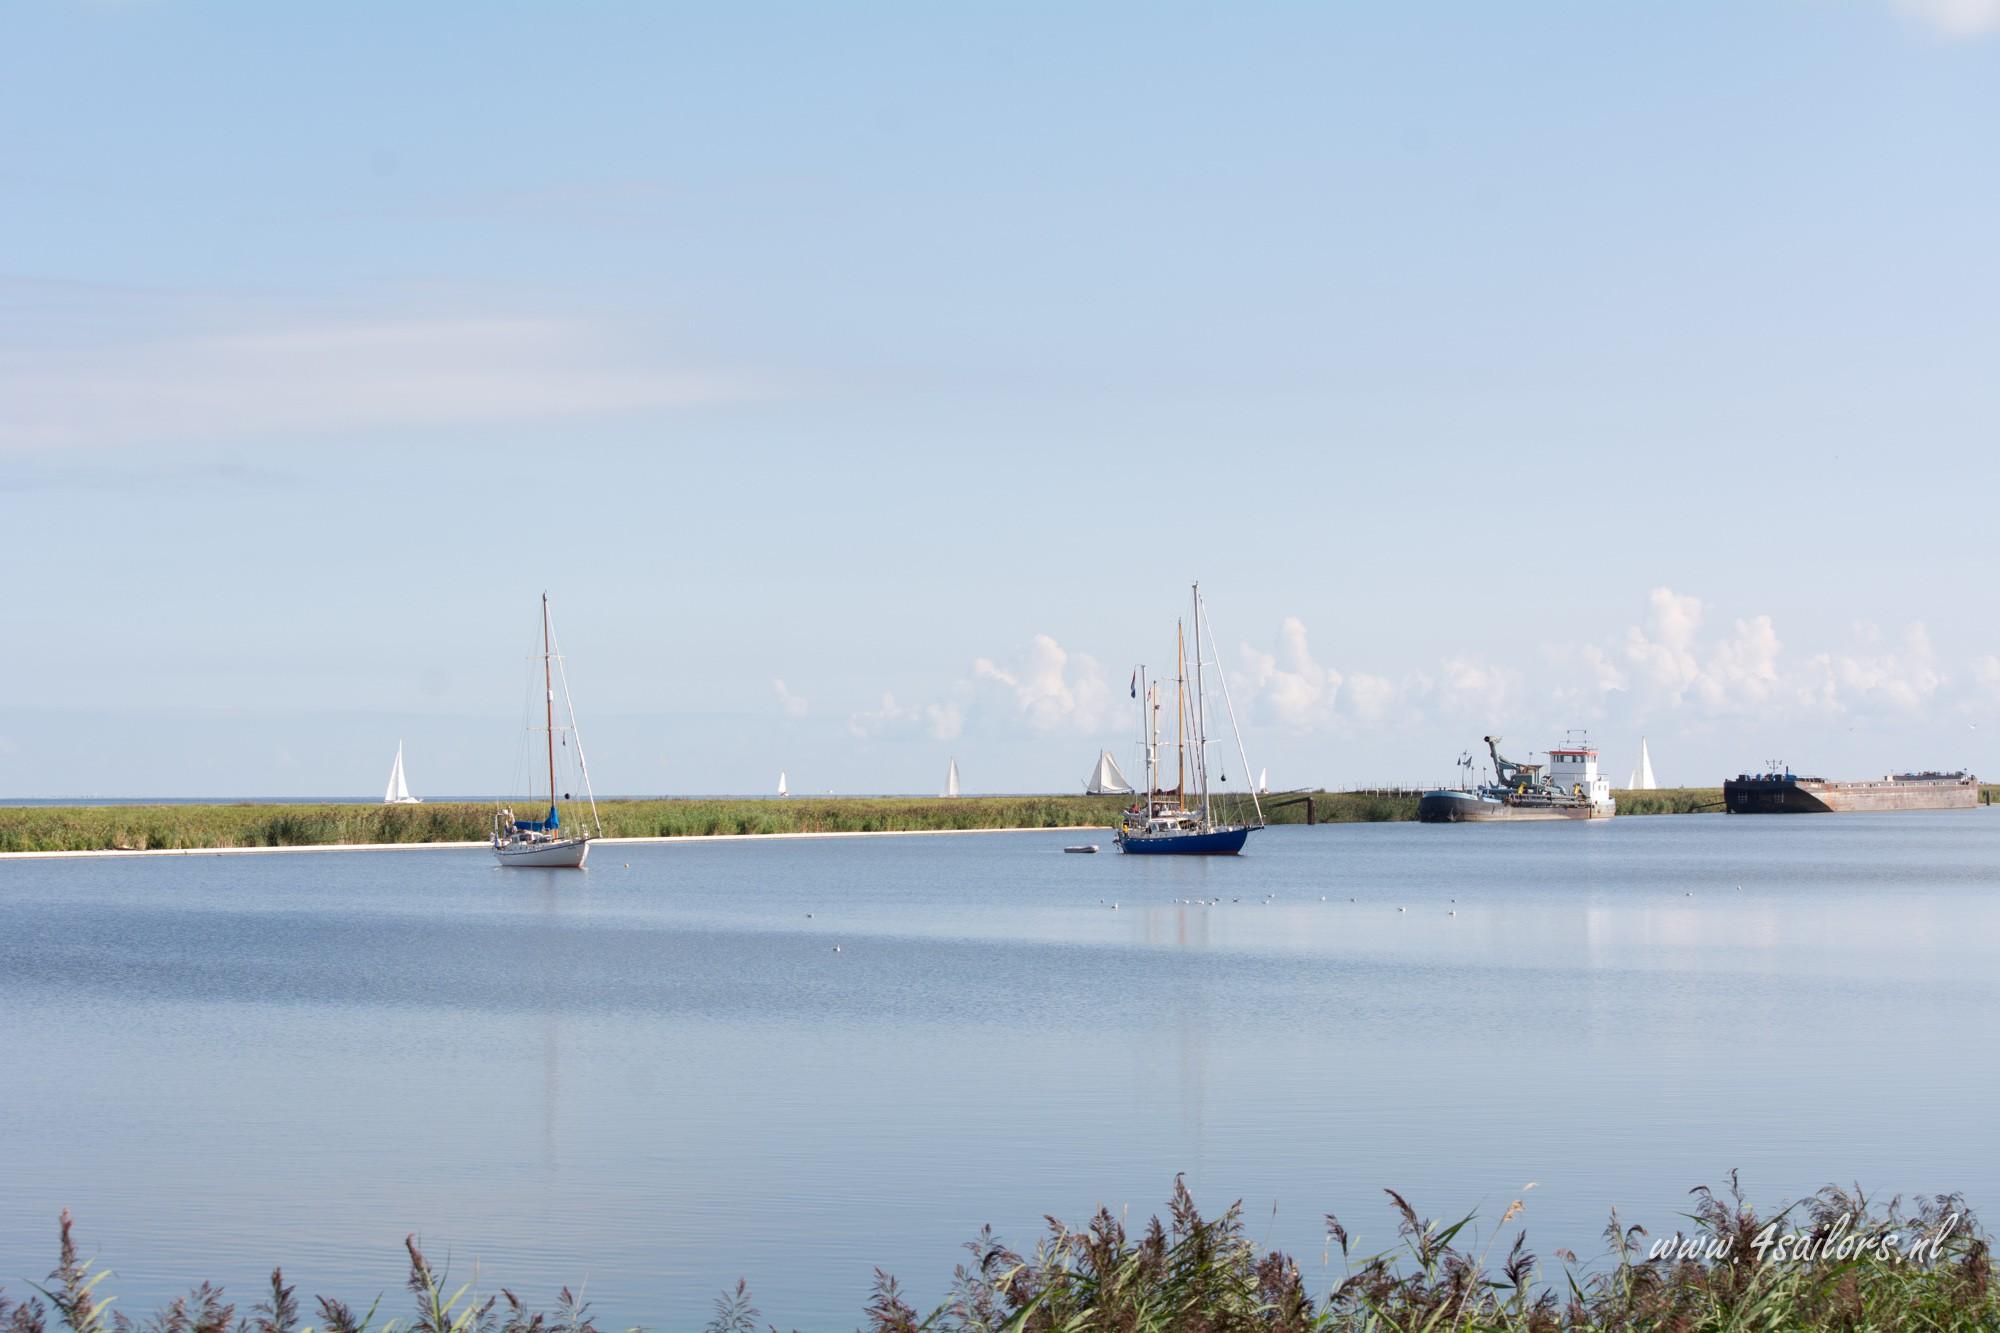 Ankerplaats Pampushaven